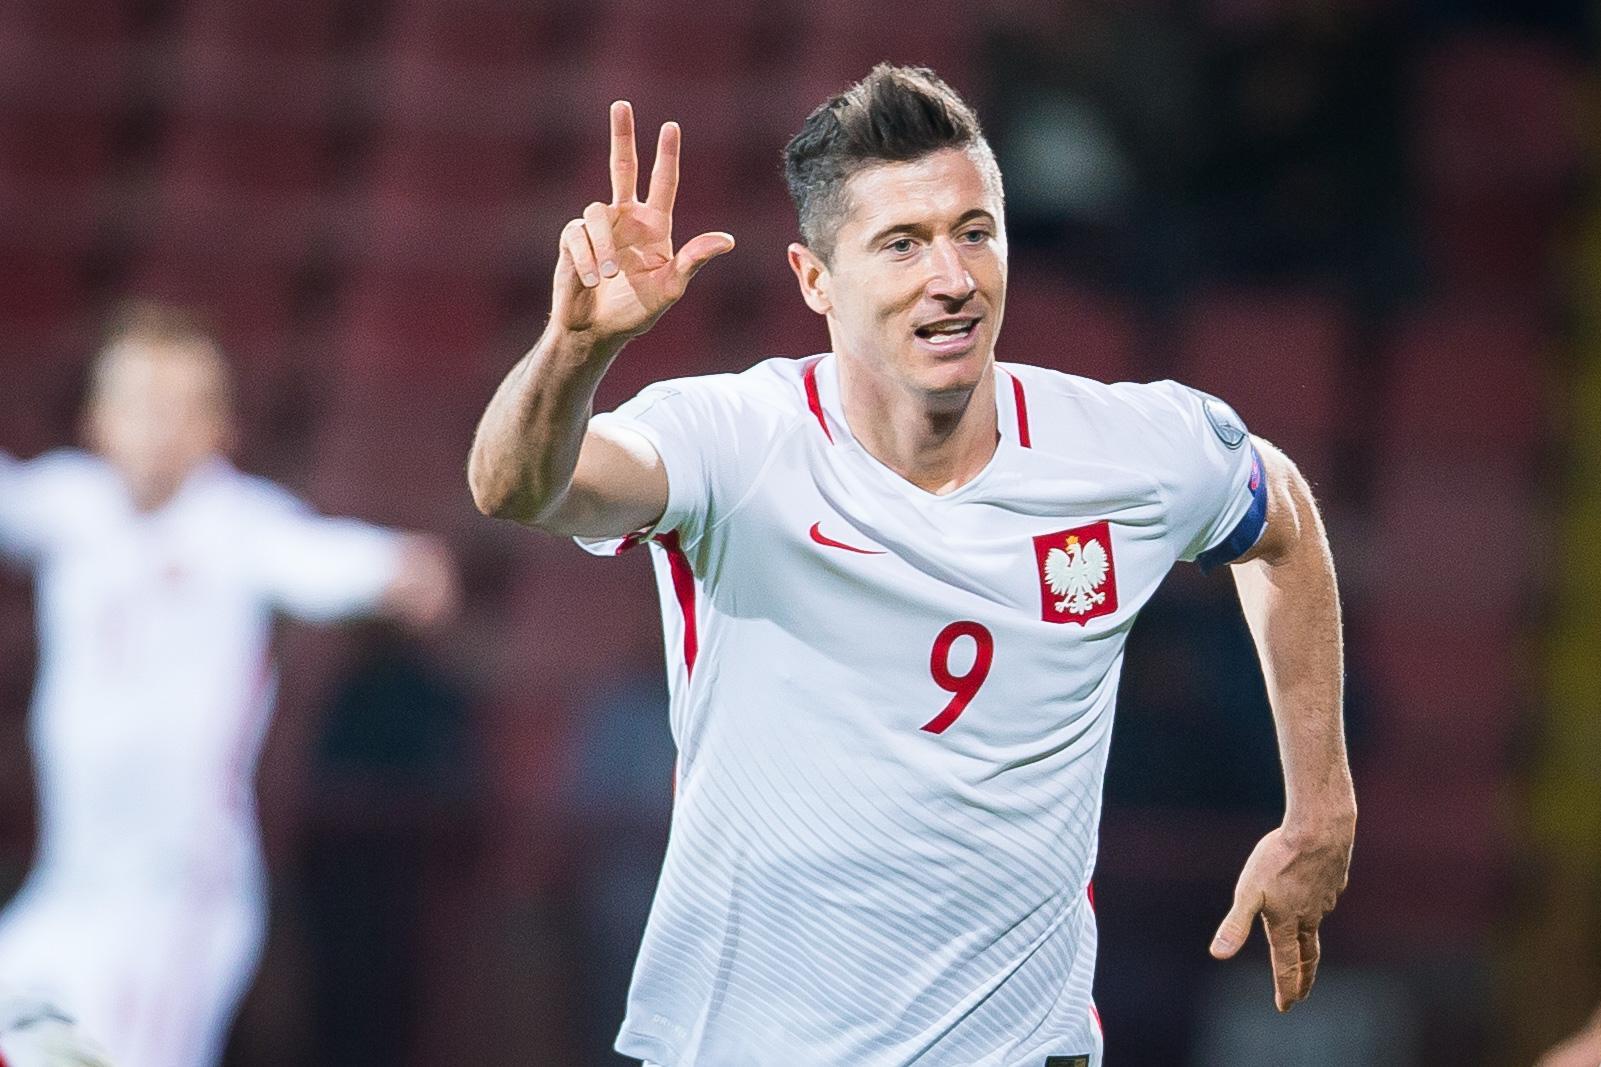 Robert Lewandowski pokazuje na palcach 3. Tyle goli strzelił w Erywaniu kapitan naszej reprezentacji.